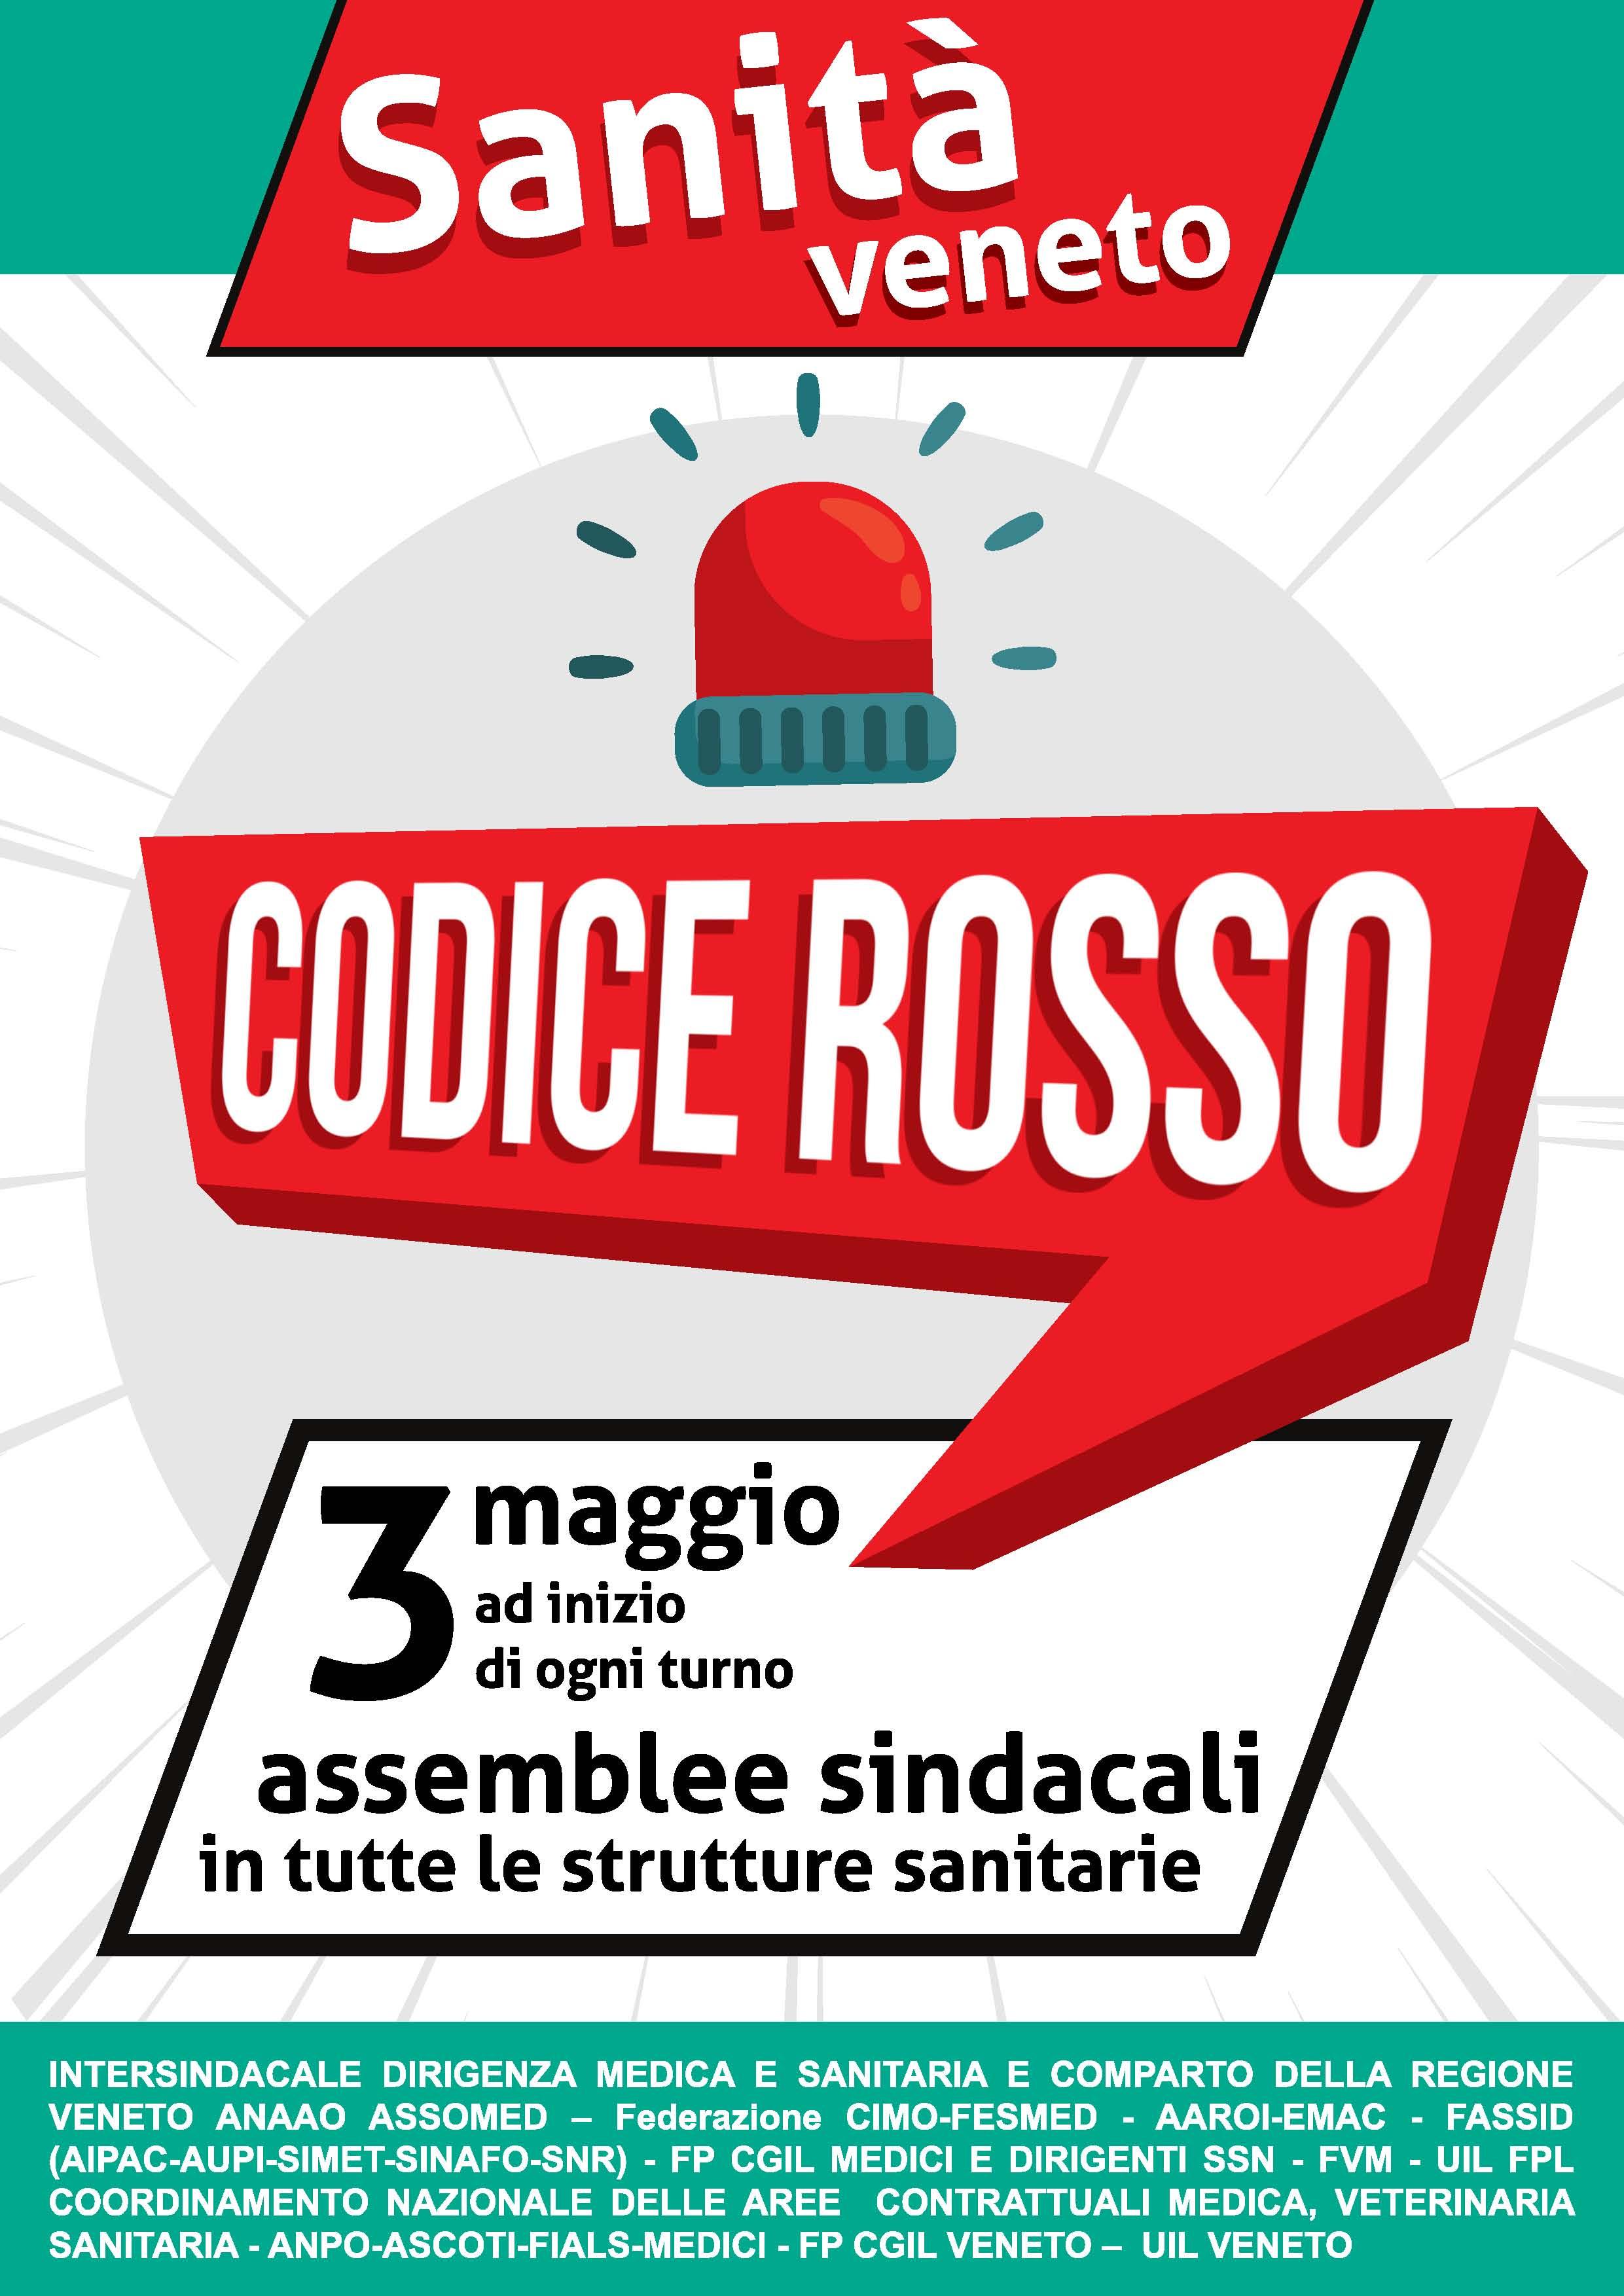 FVM Veneto: Sanità in #codicerosso